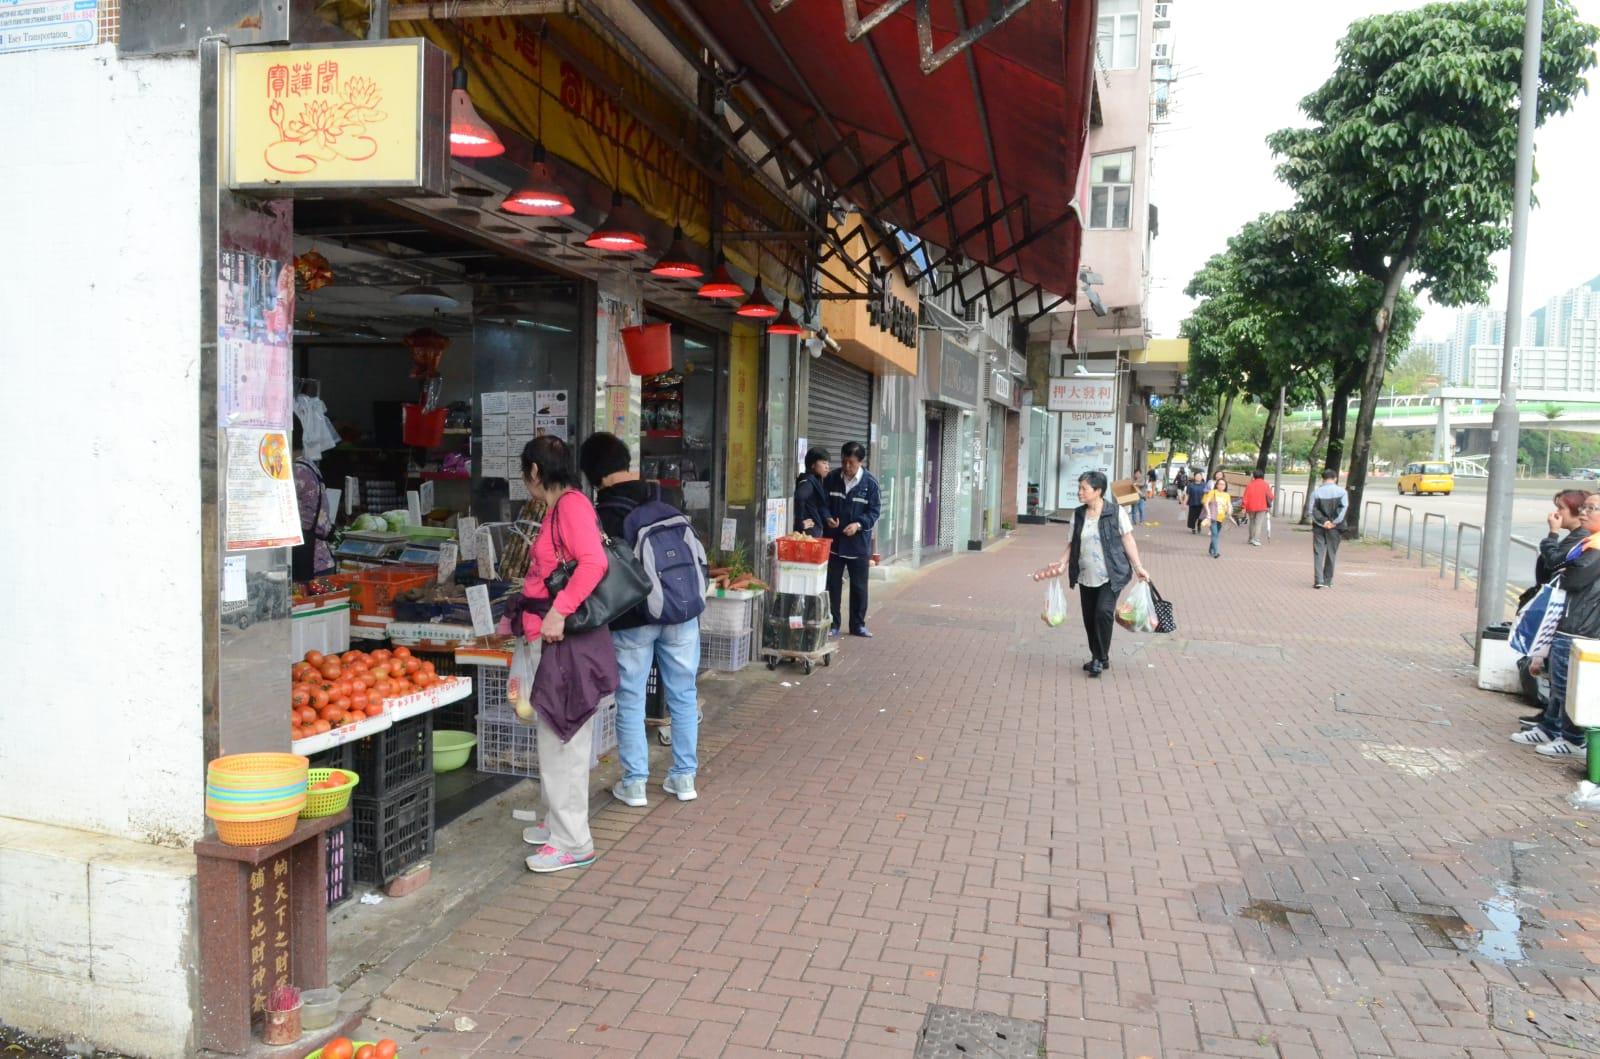 香港仔蔬果店女東主揮刀被警員制服。